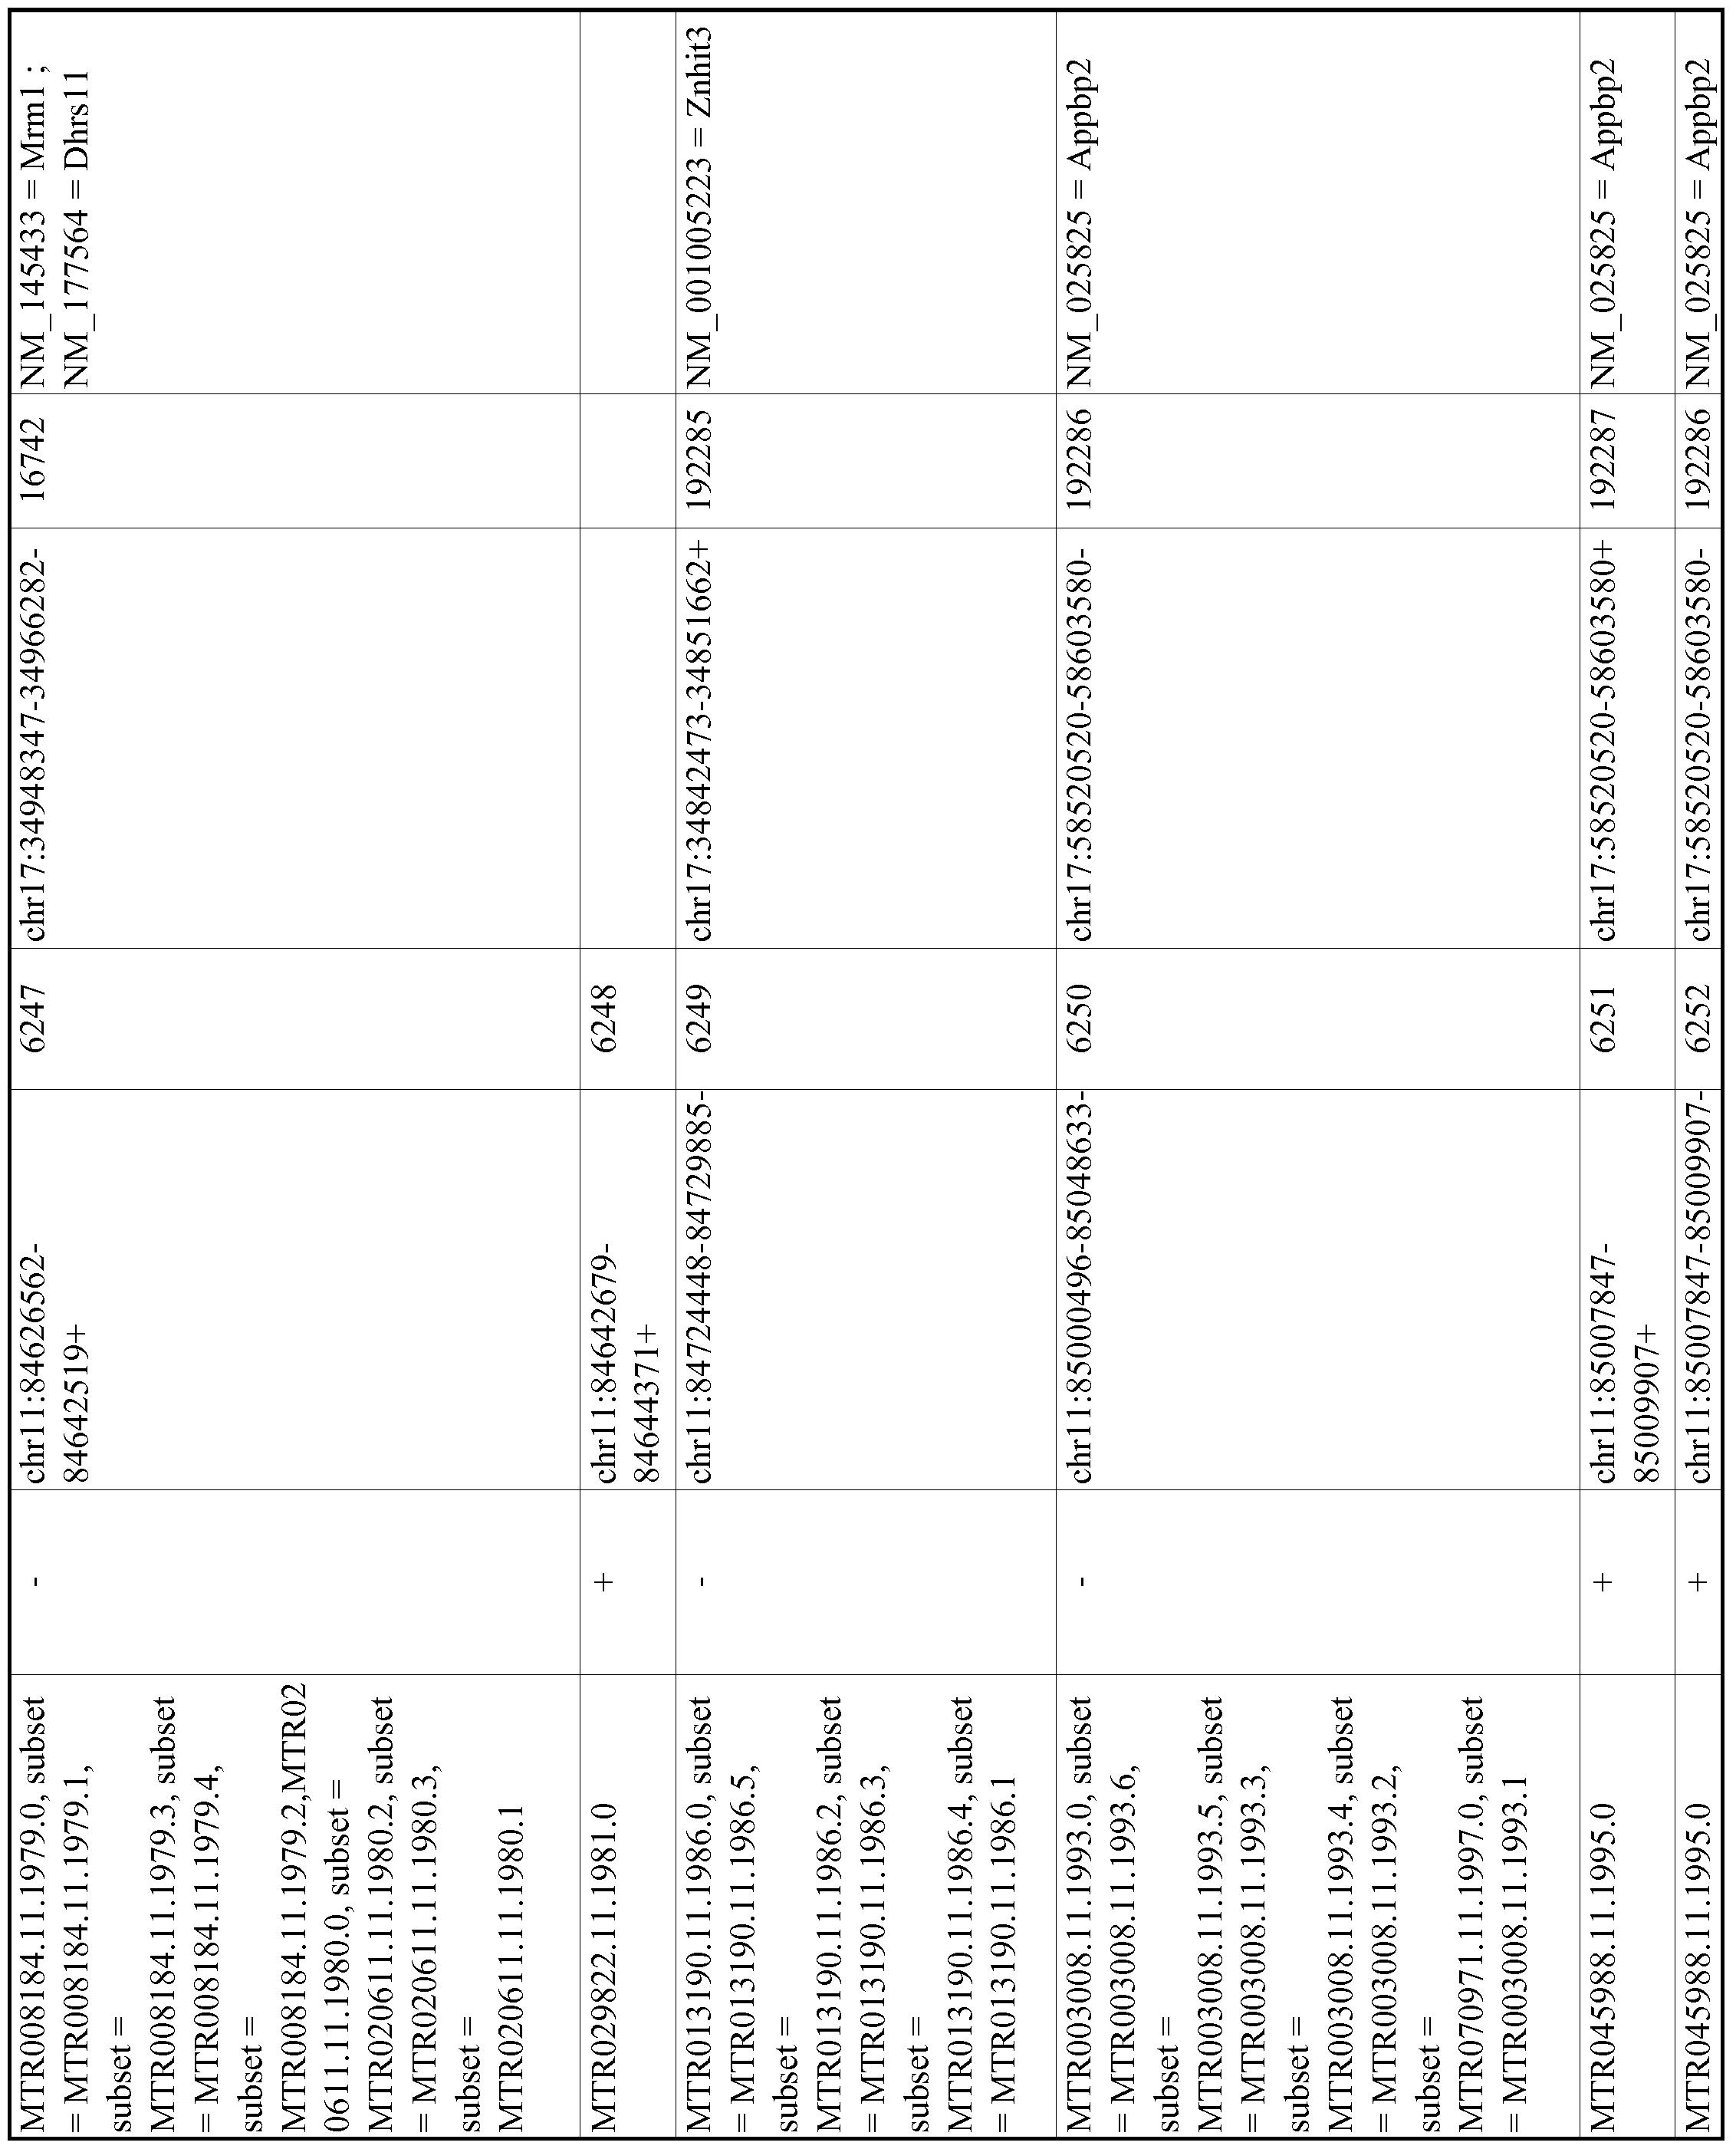 Figure imgf001124_0001